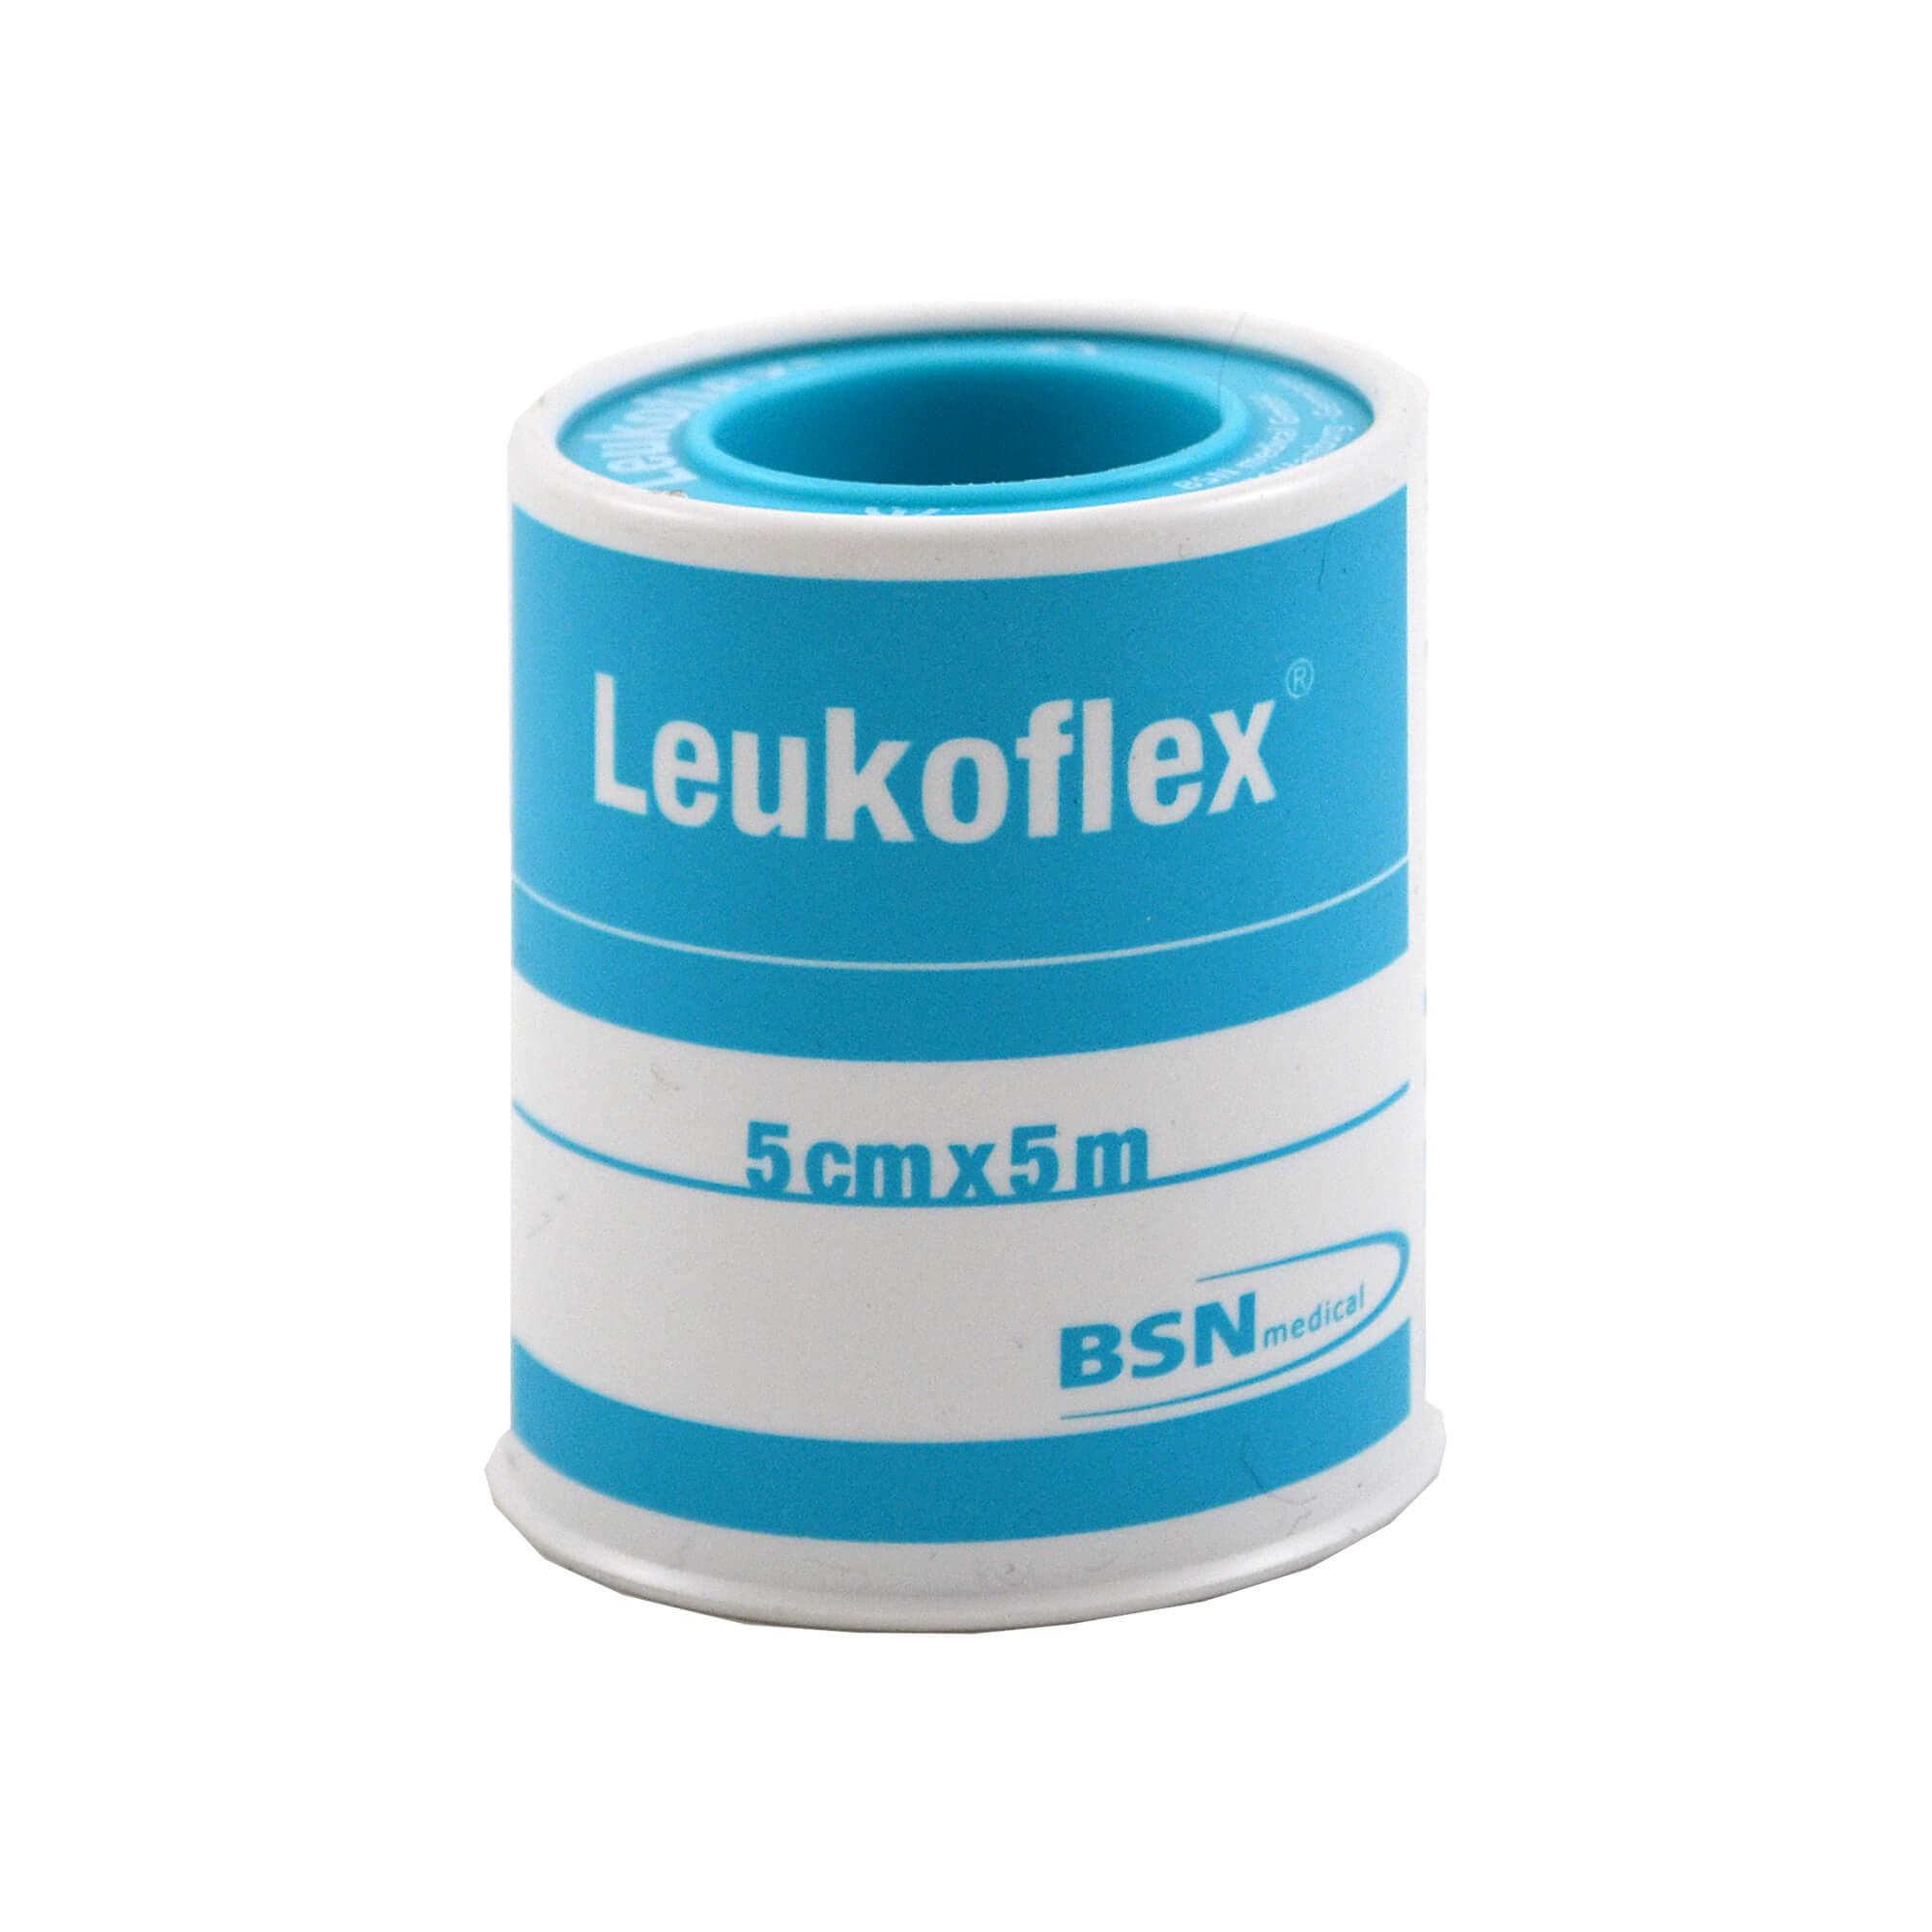 Leukoflex Verbandpflaster 5 cmx5 m